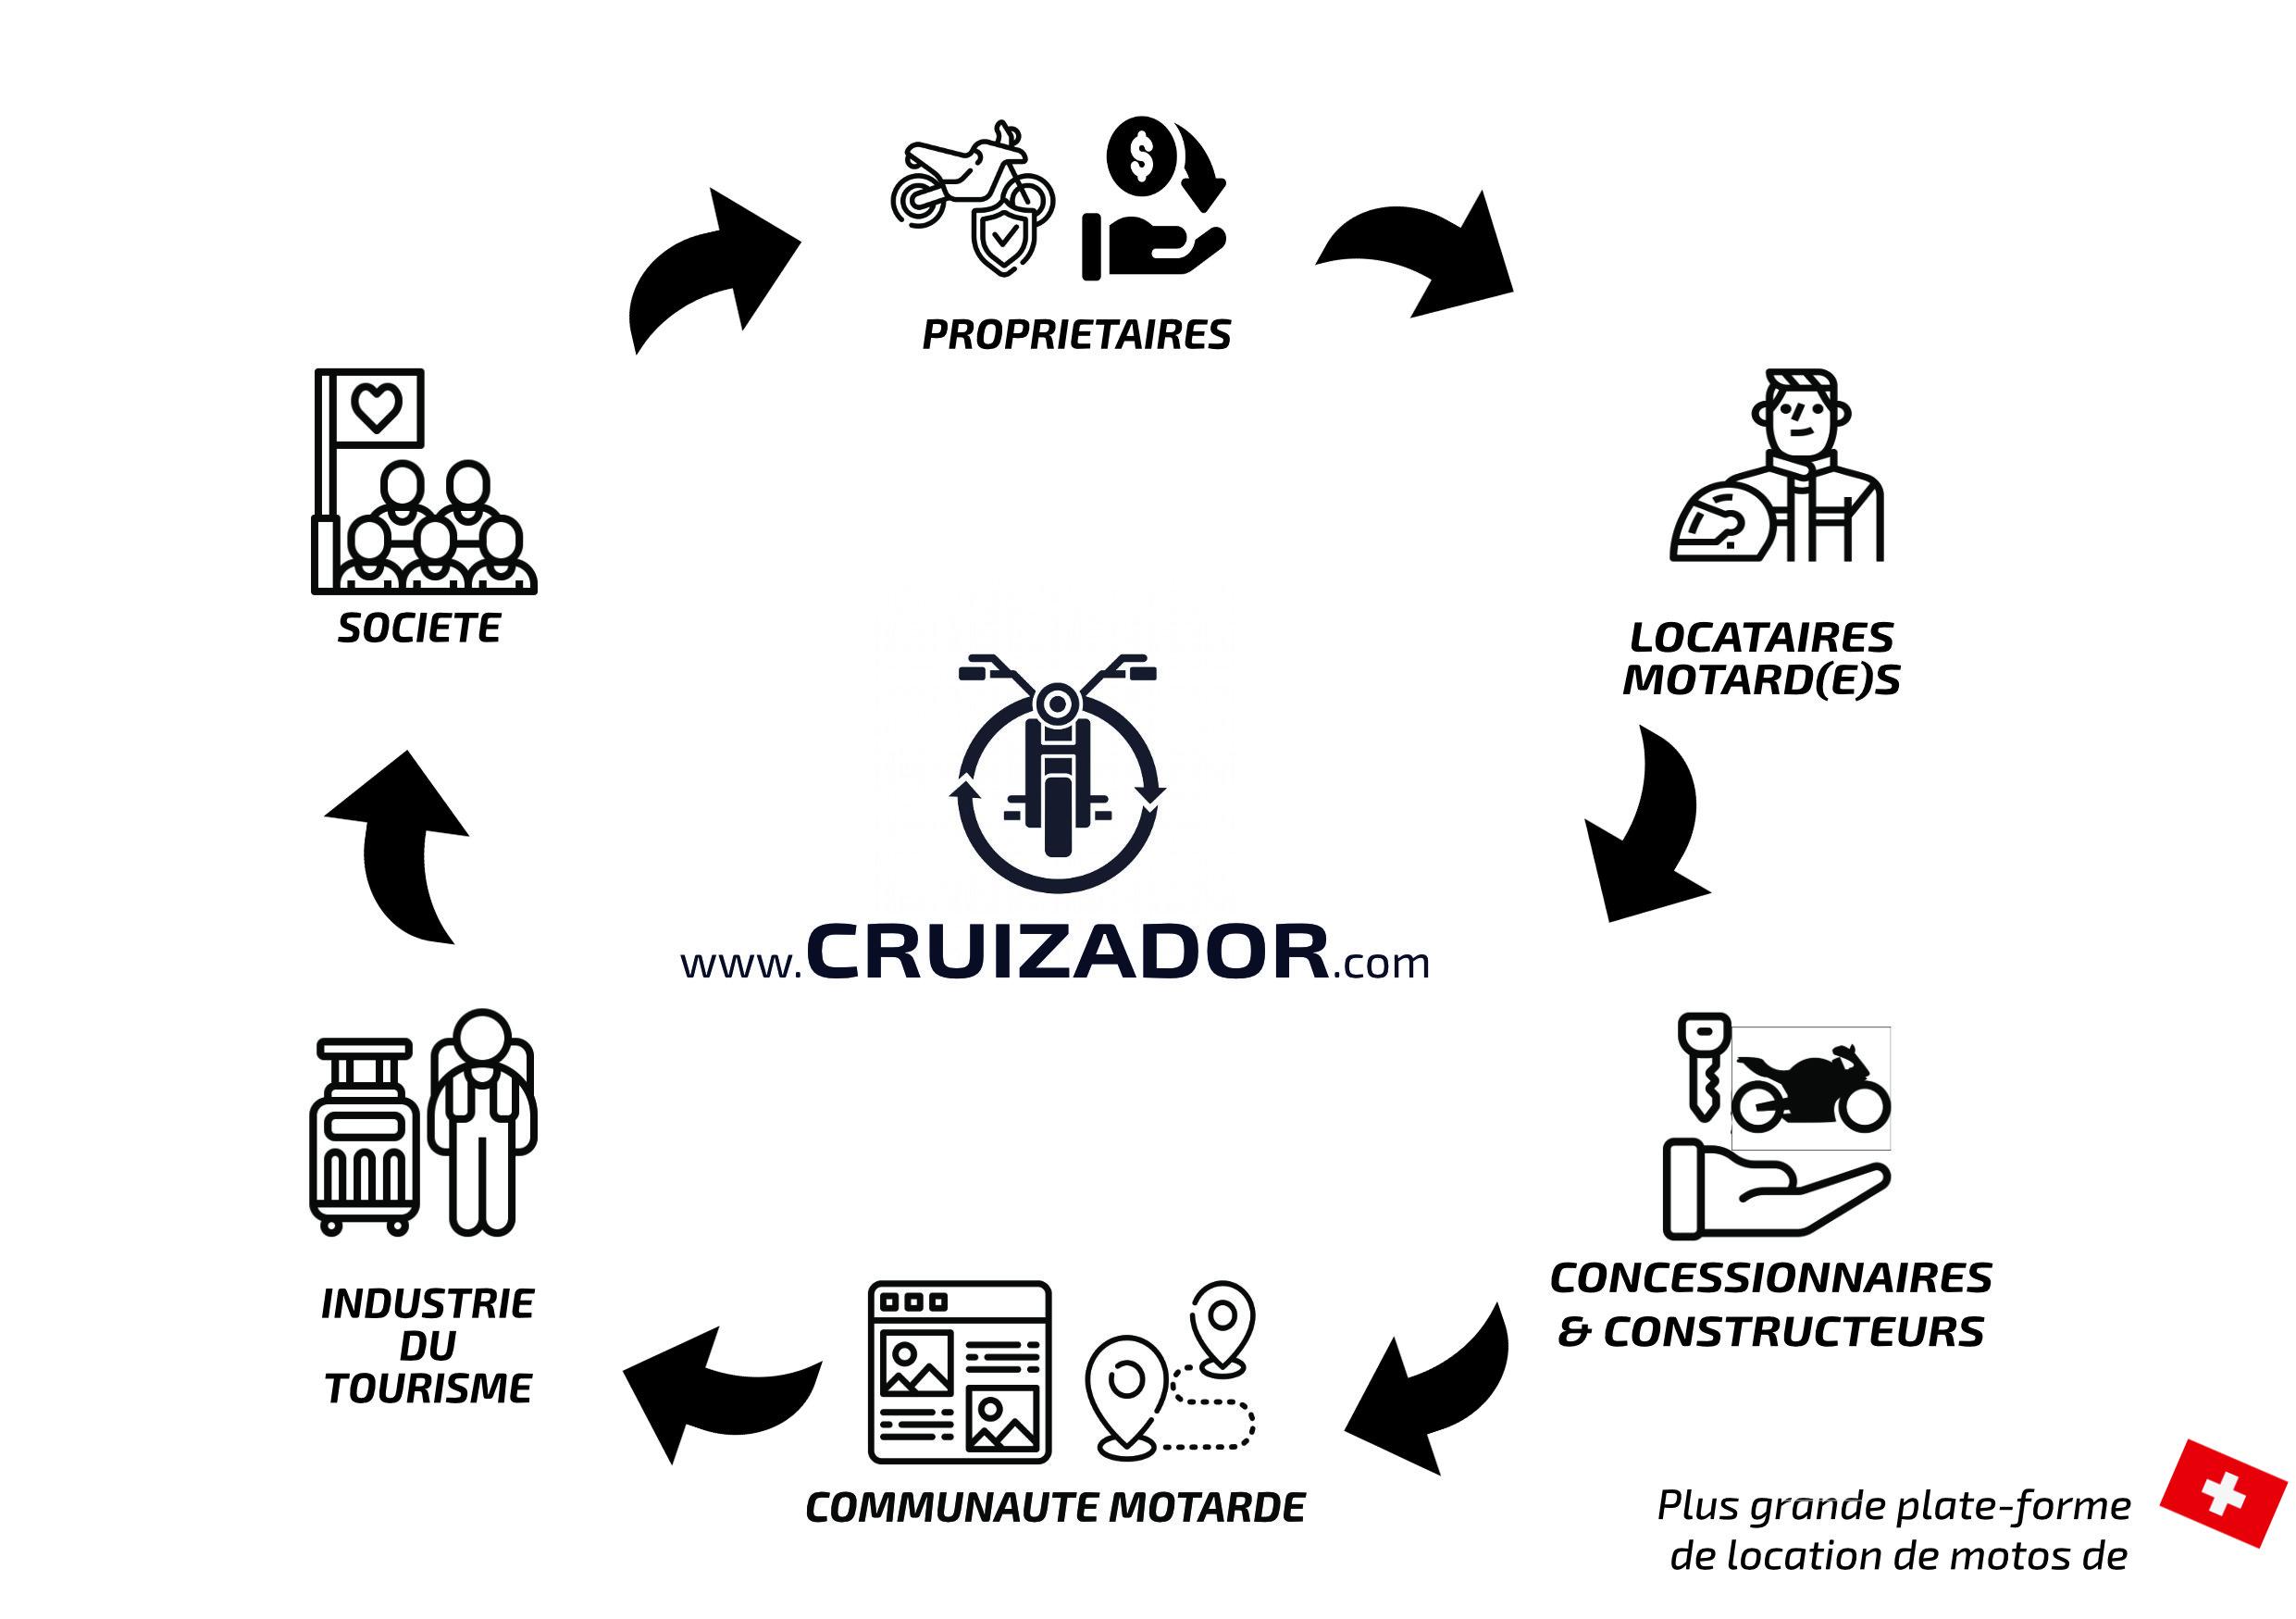 Cruizador_Ecosystème_FR